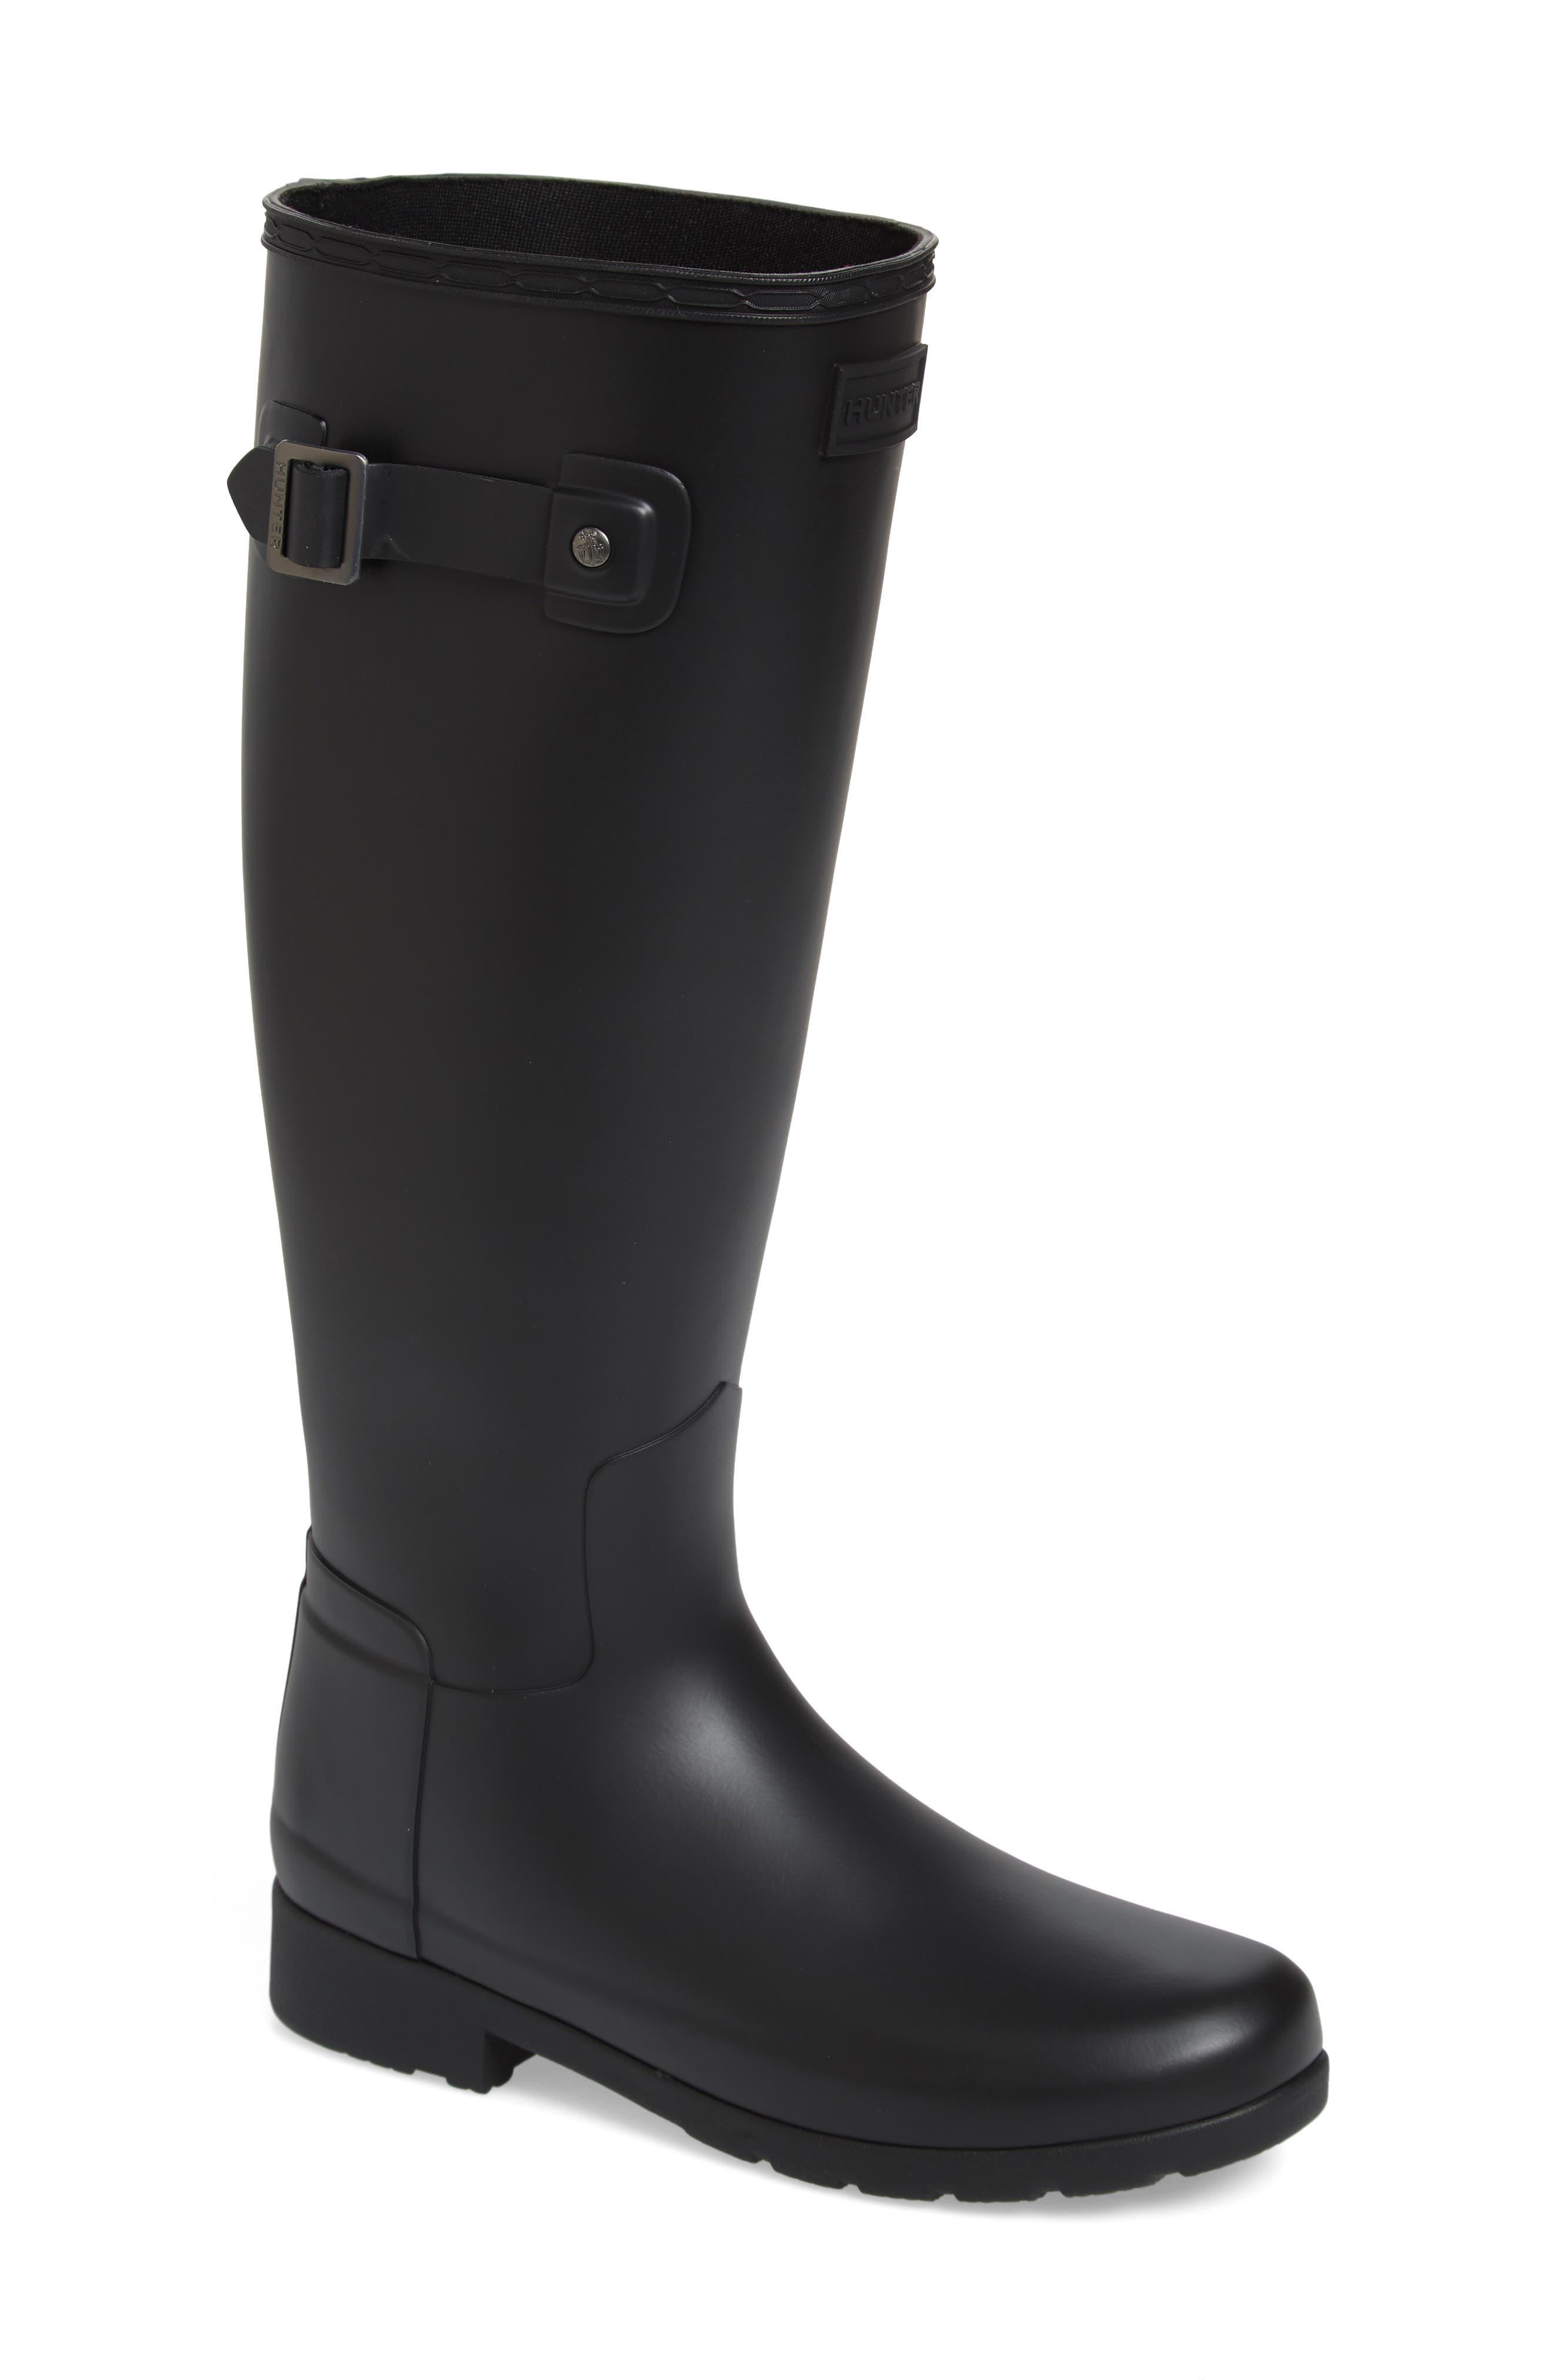 HUNTER,                             Original Refined Waterproof Rain Boot,                             Main thumbnail 1, color,                             BLACK REGULAR